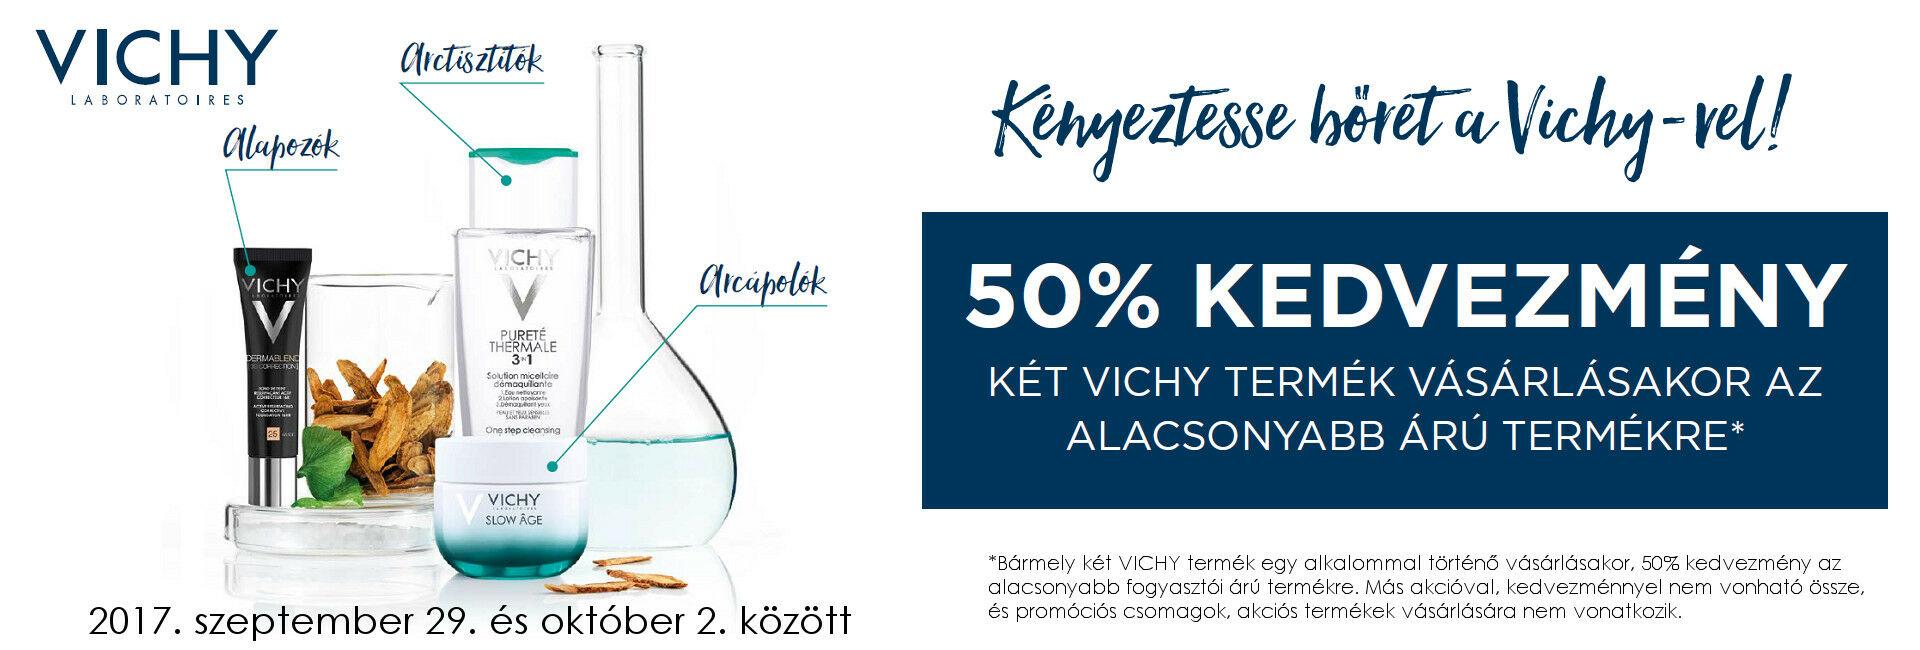 2017.szeptember 29. és október 2. között Vichy akció: a 2.termék 50% kedvezménnyel!